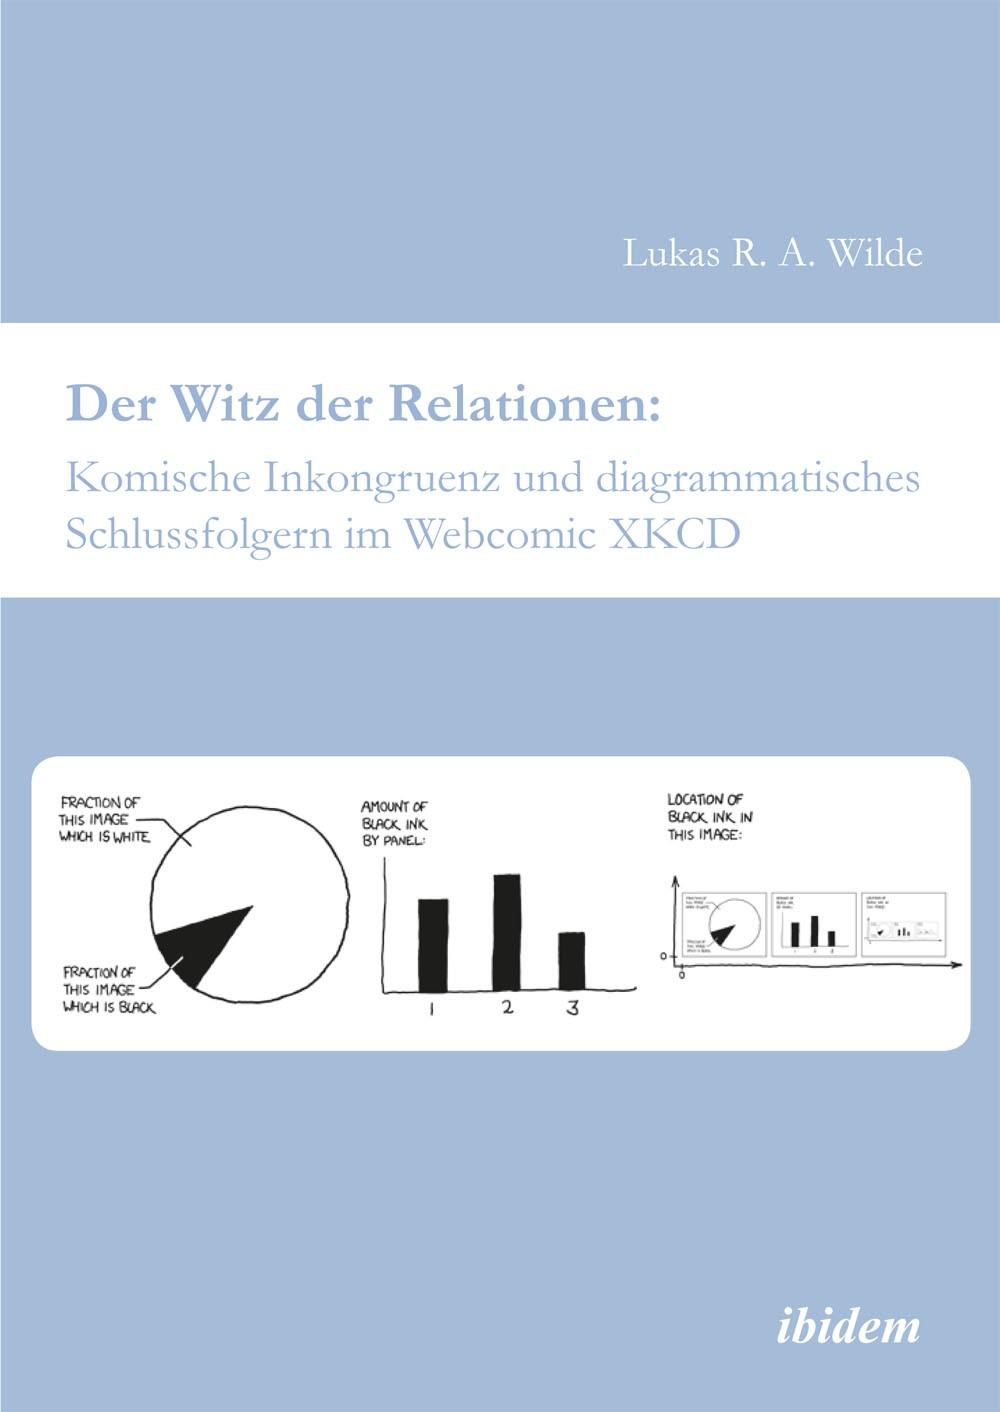 Der Witz der Relationen: Komische Inkongruenz und diagrammatisches Schlussfolgern im Webcomic XKCD